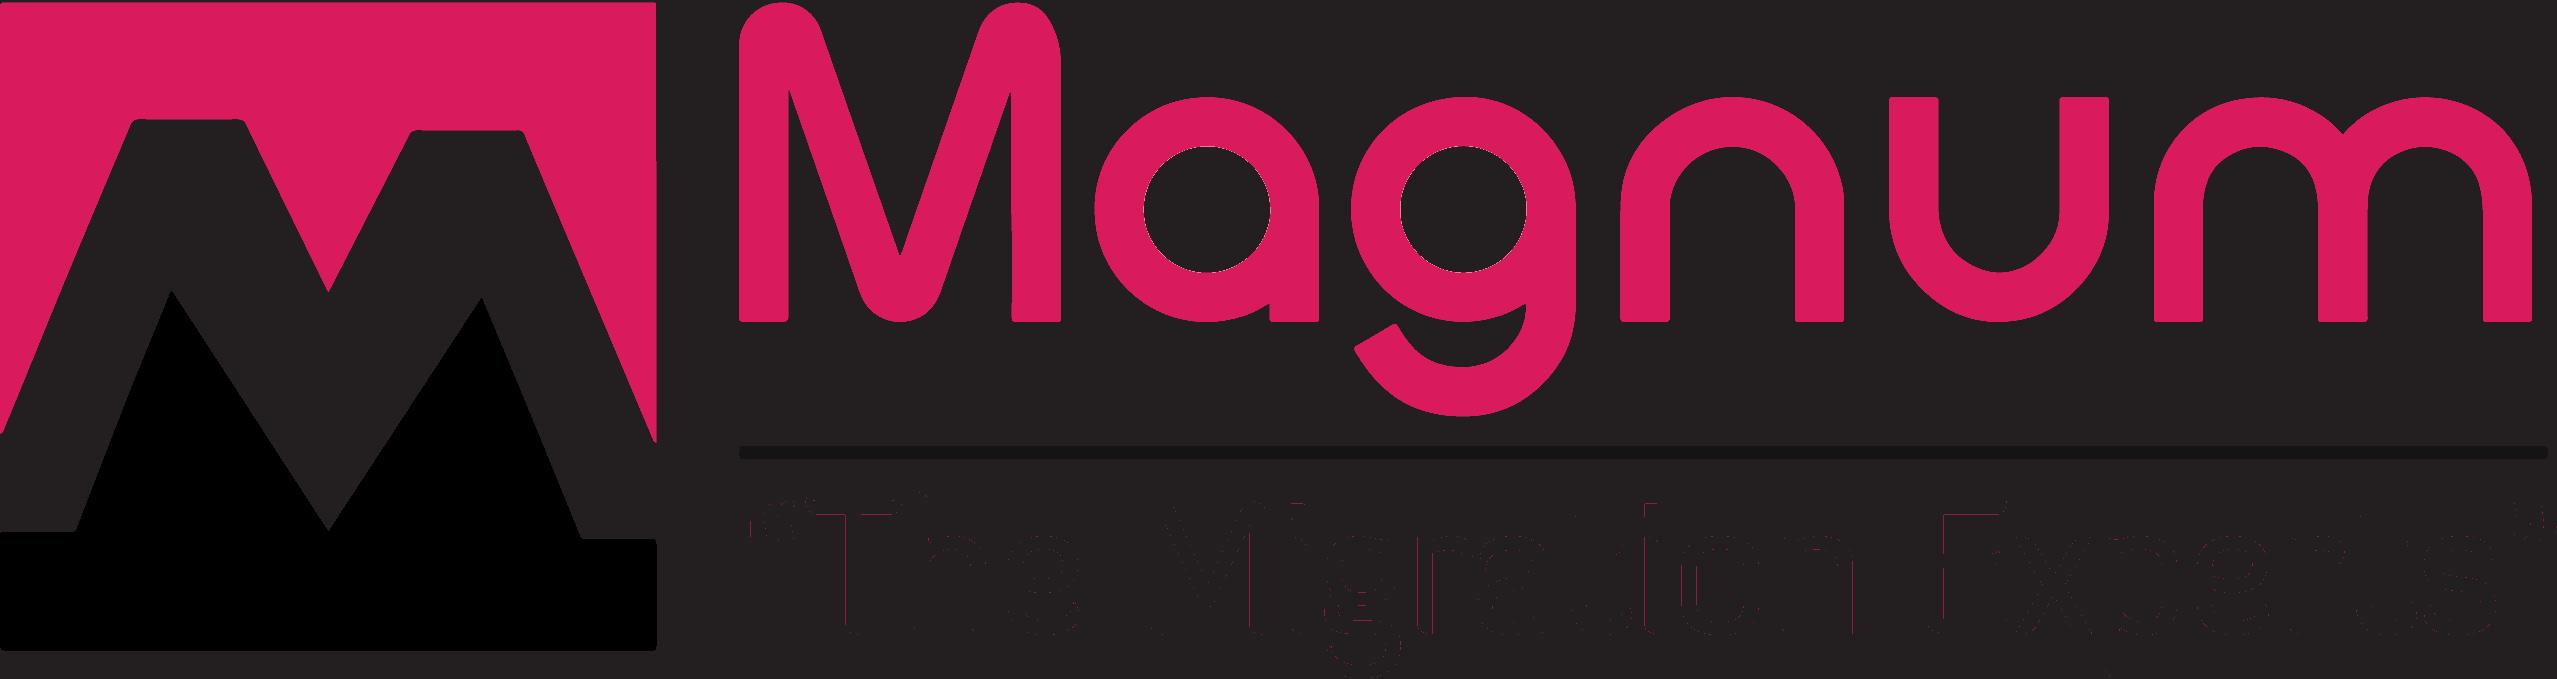 Magnummigration.com Image